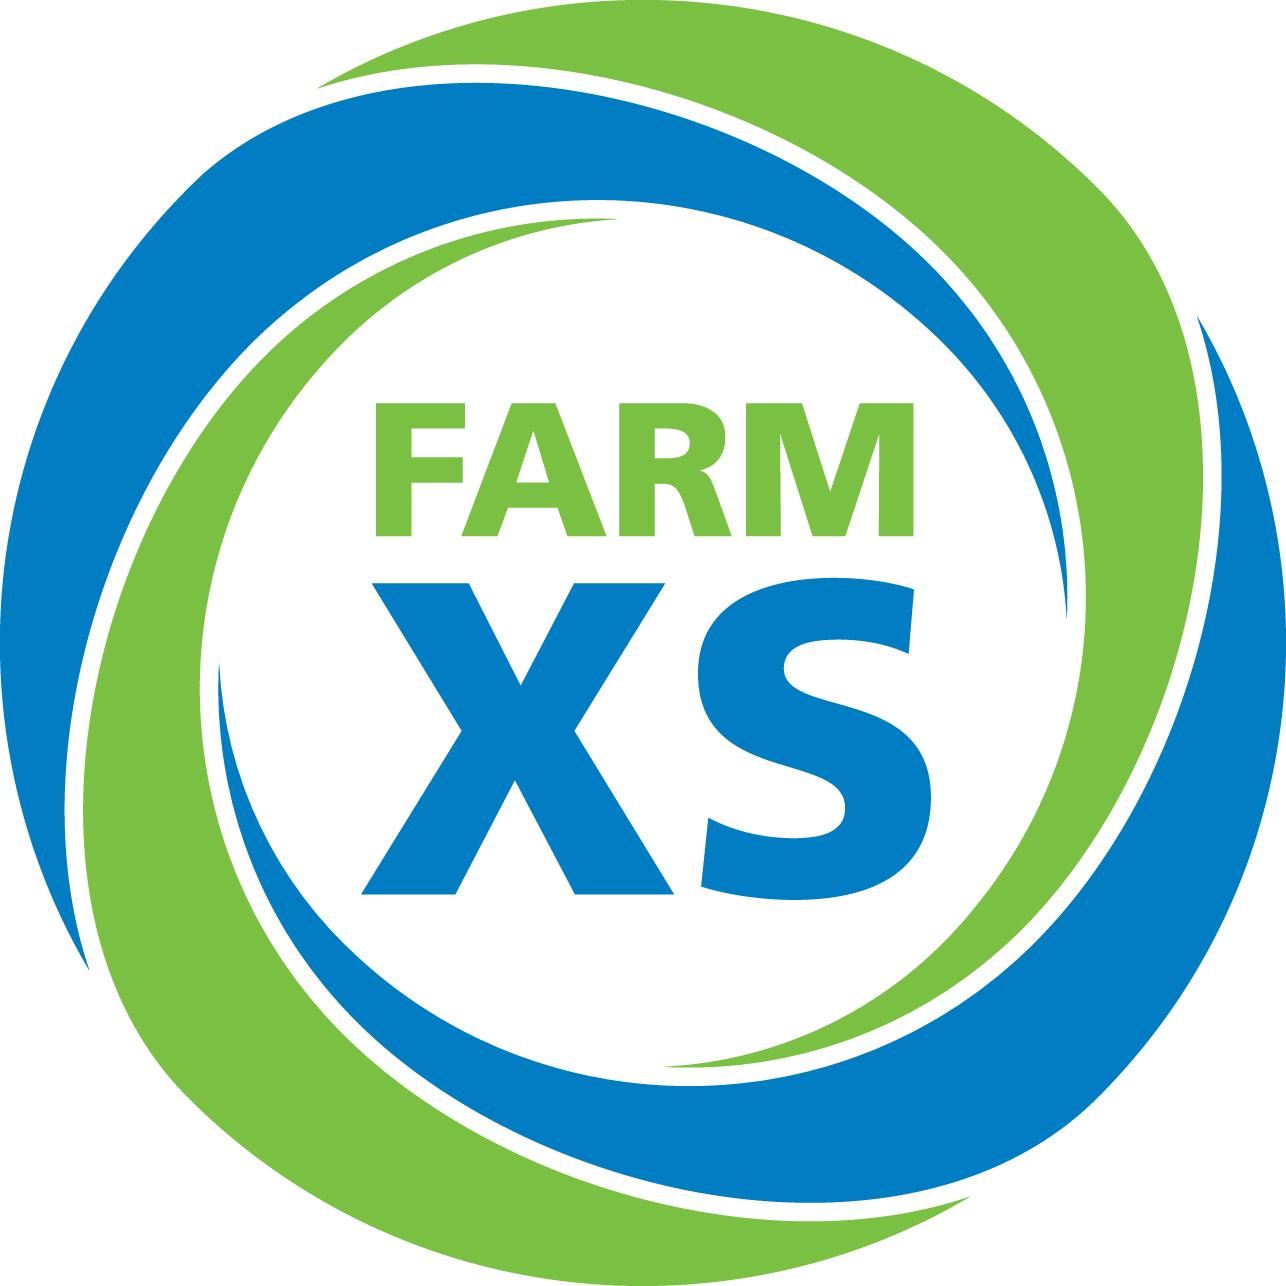 Farm XS